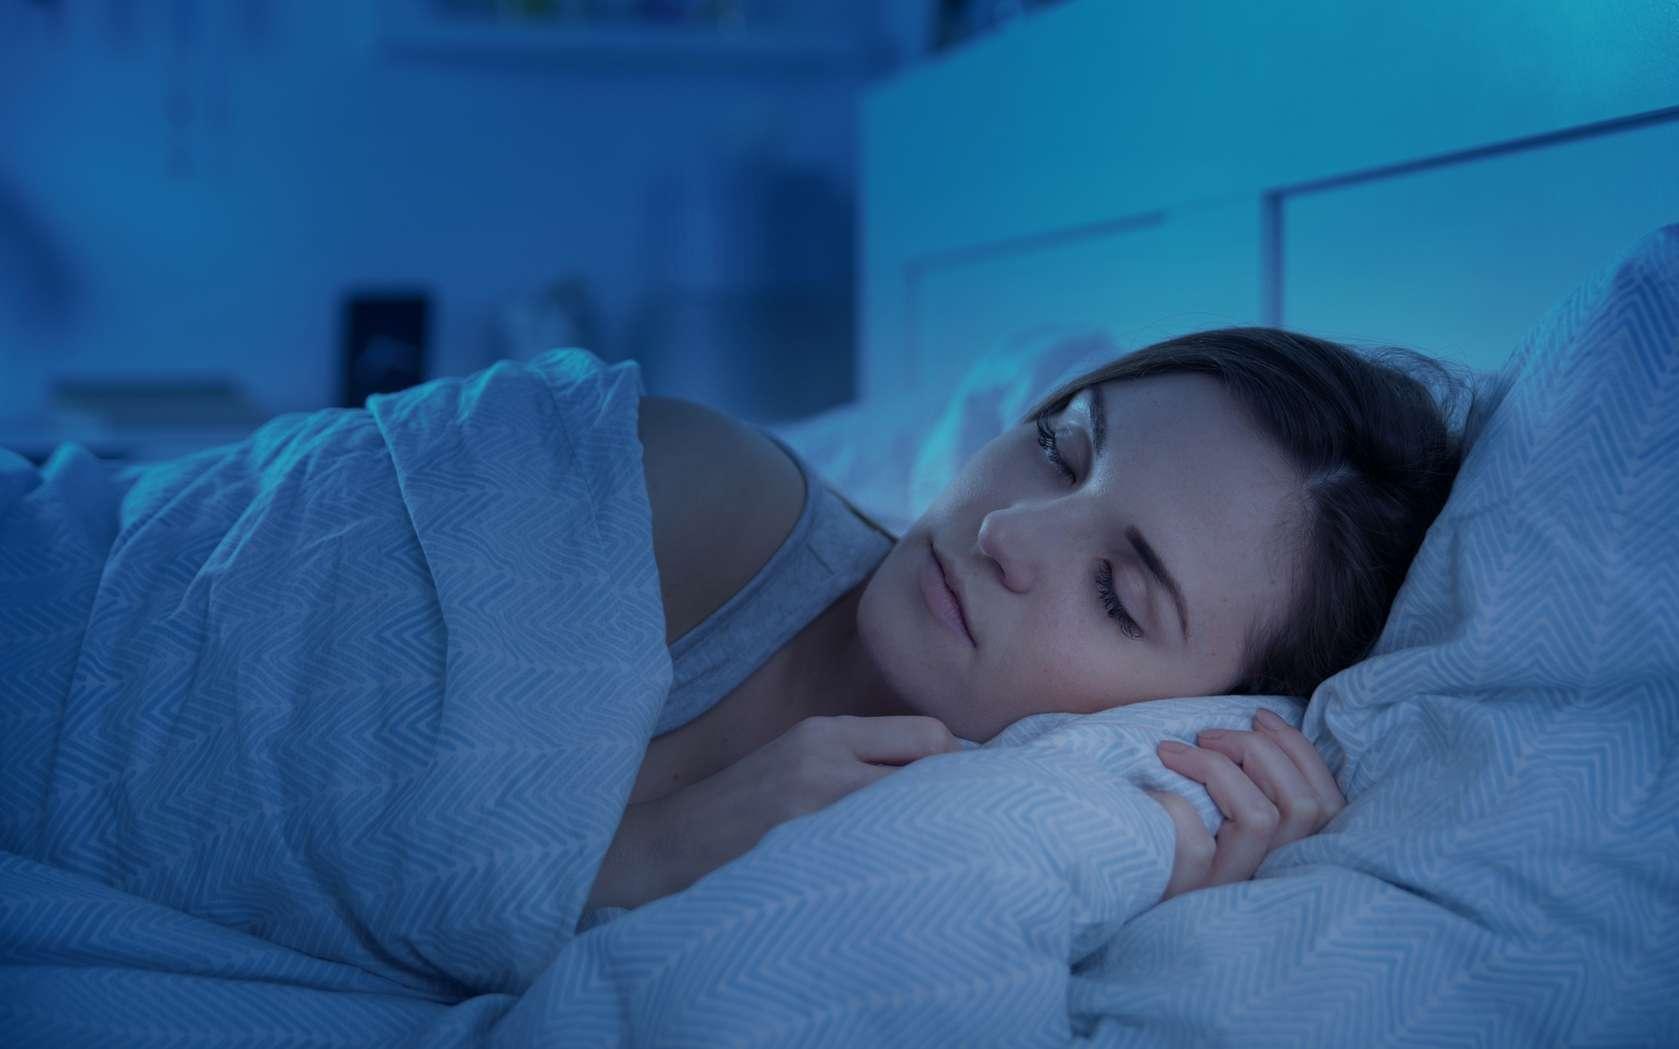 Le sommeil lent est la phase pendant laquelle l'individu entre dans un sommeil profond. © leszekglasner, fotolia